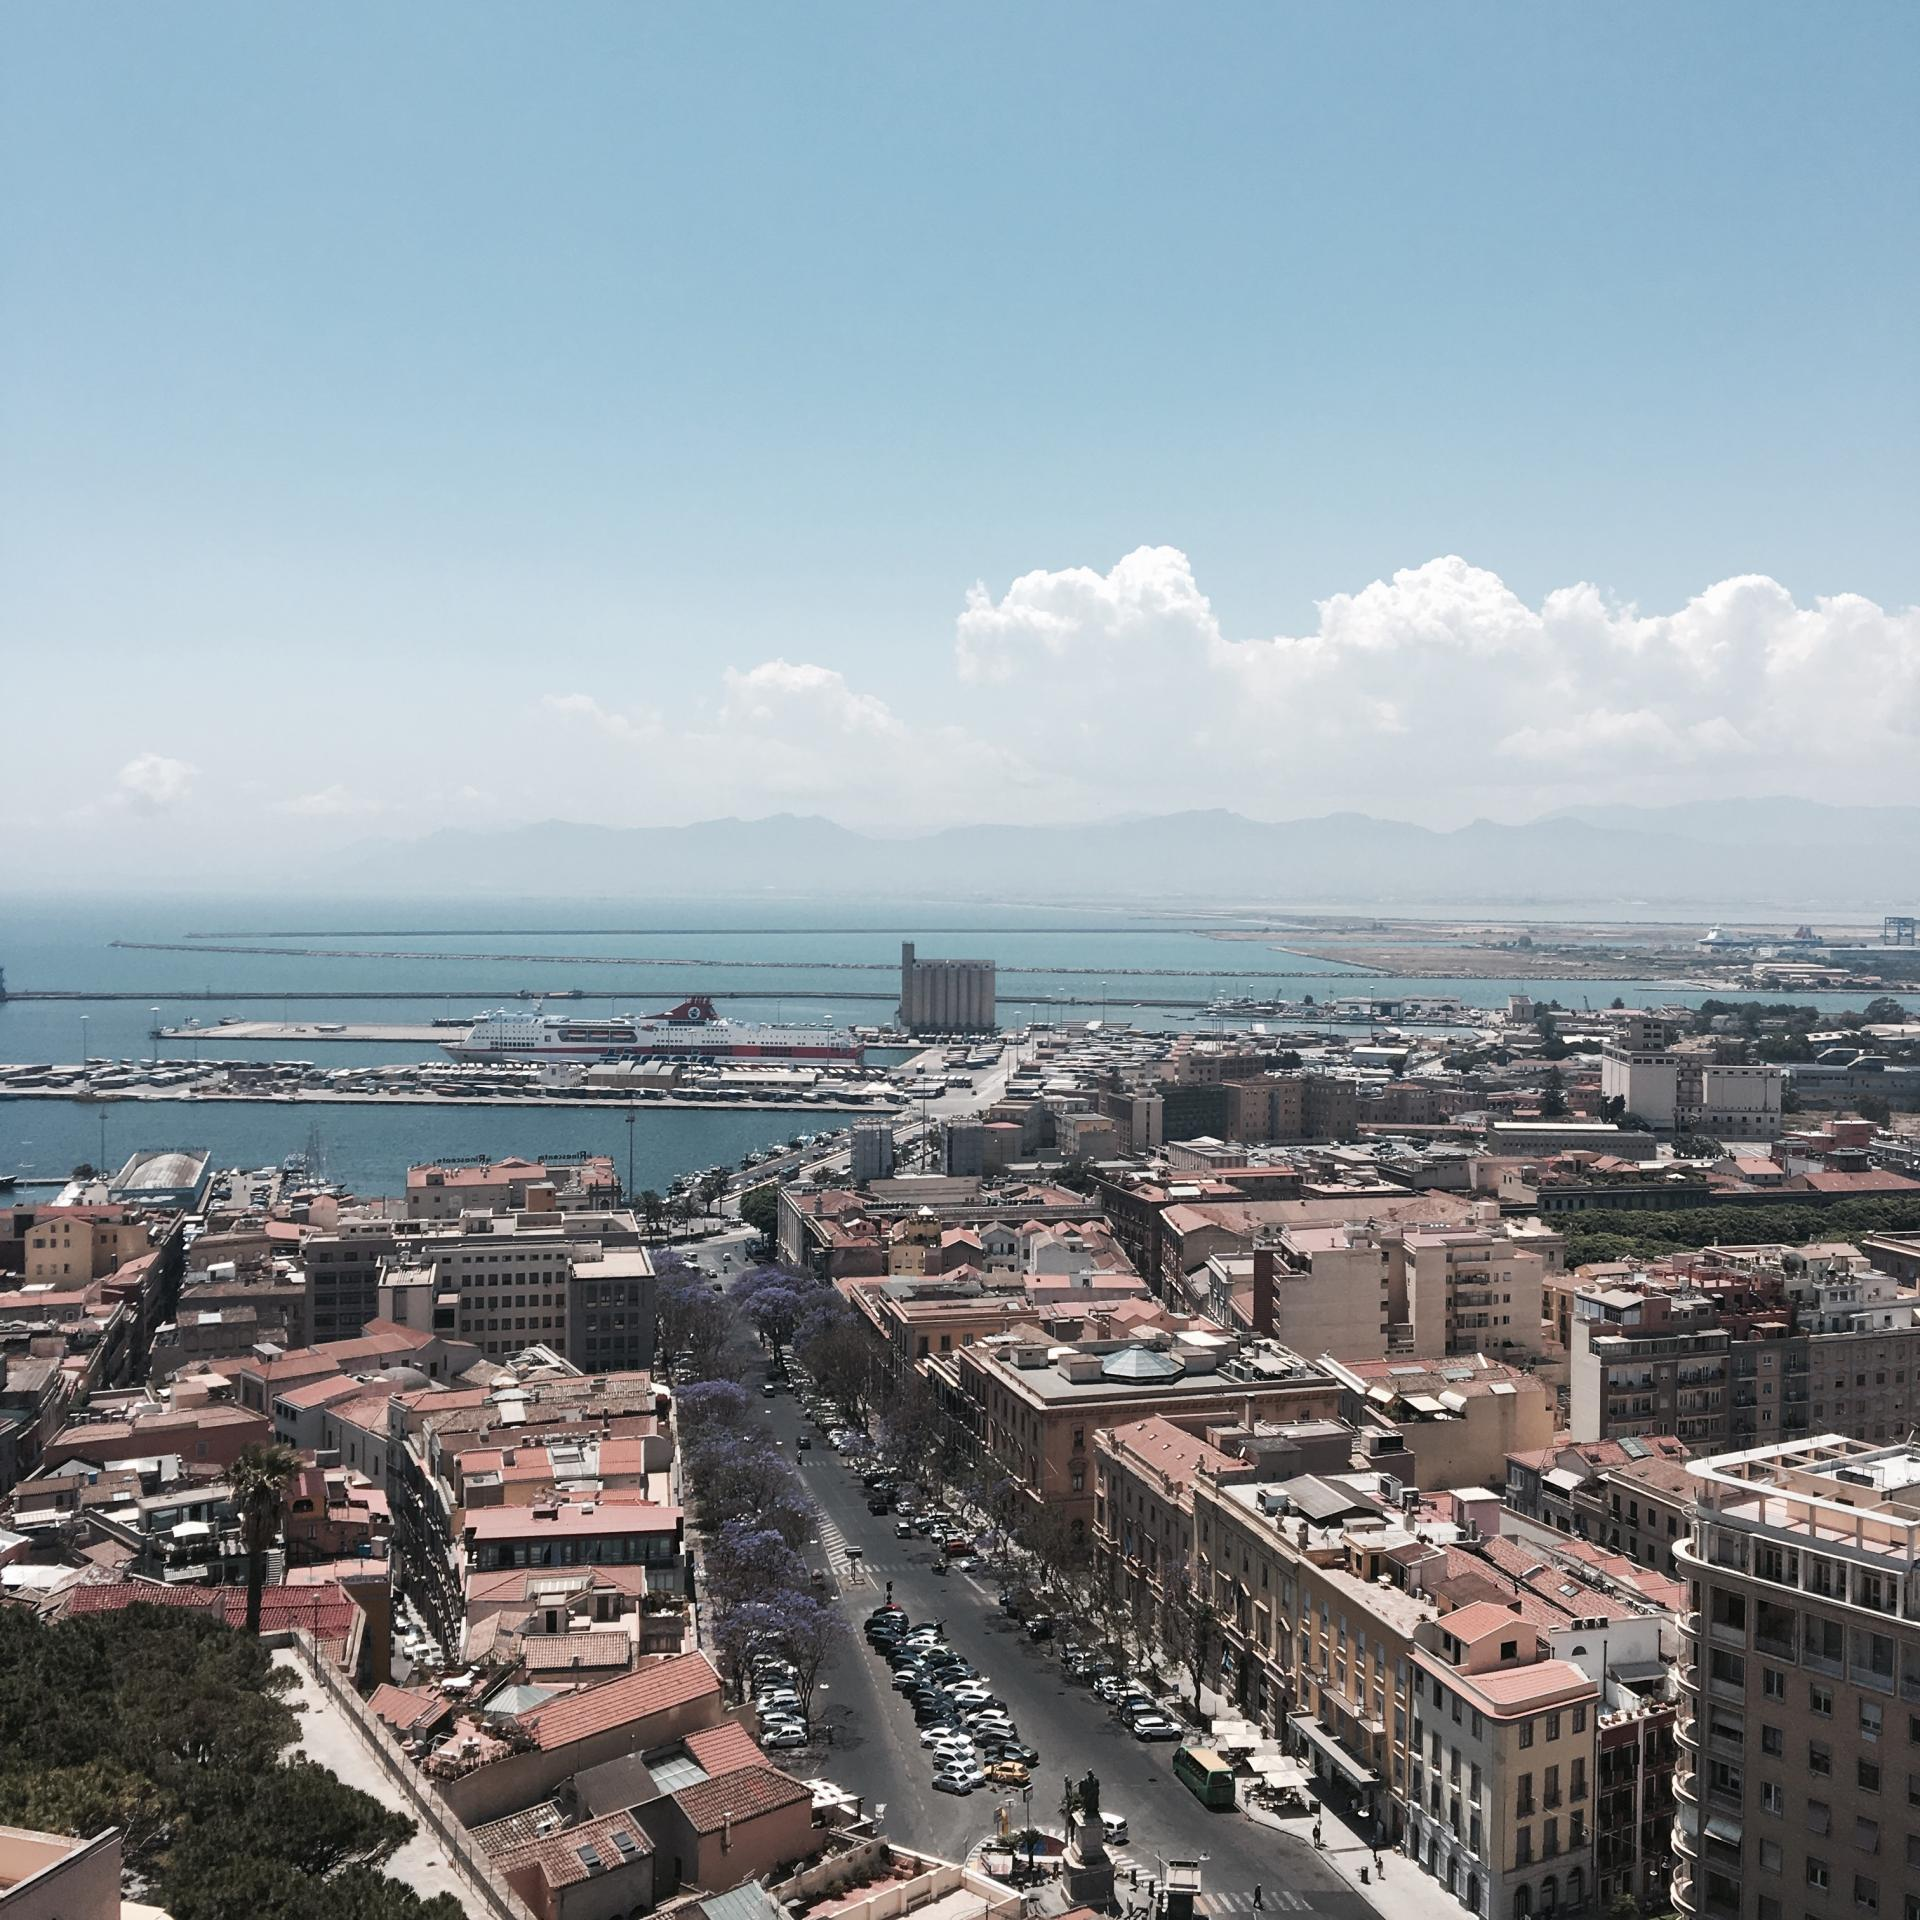 Mon voyage en Sardaigne entre copines 3